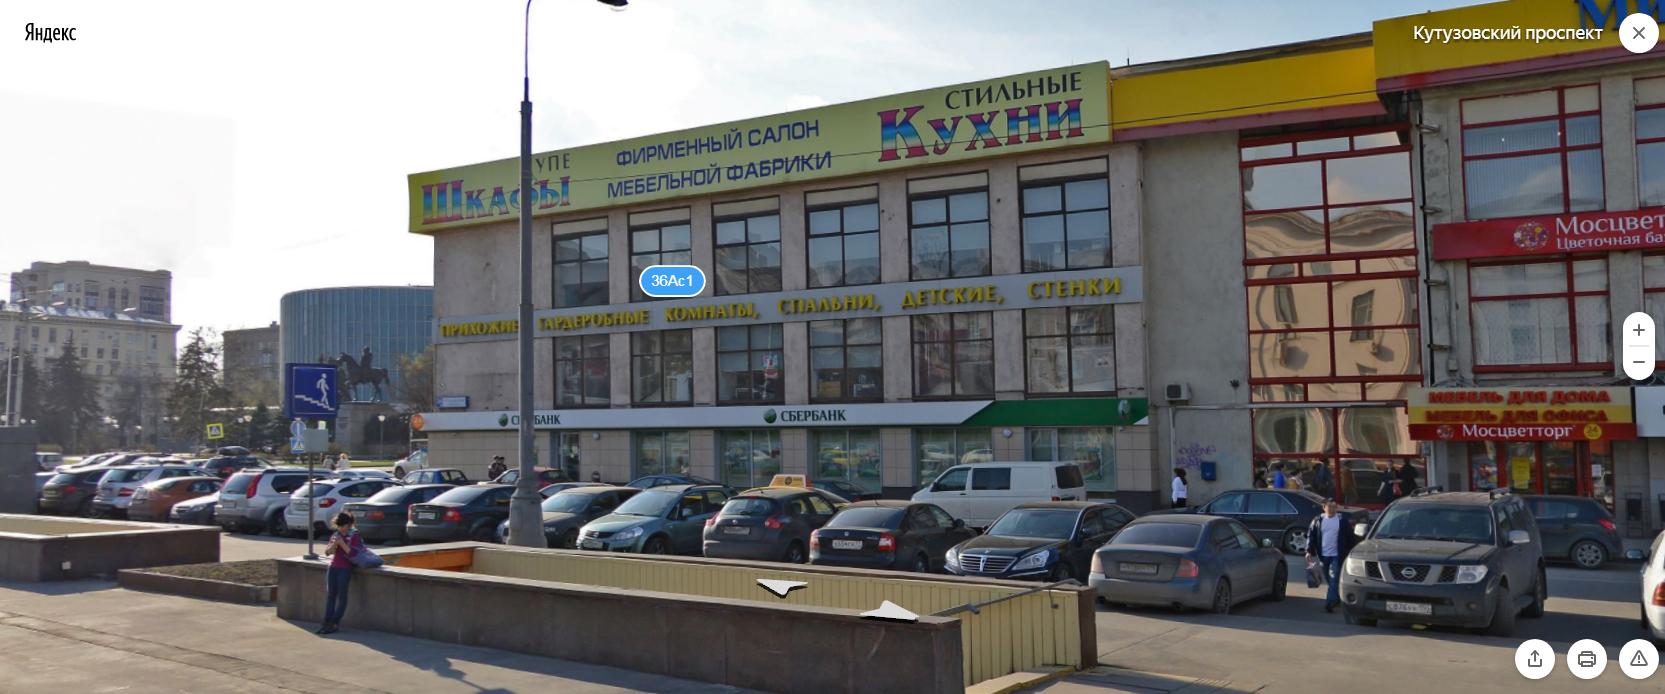 Отделение Сбербанка на Кутузовском проспекте в Москве